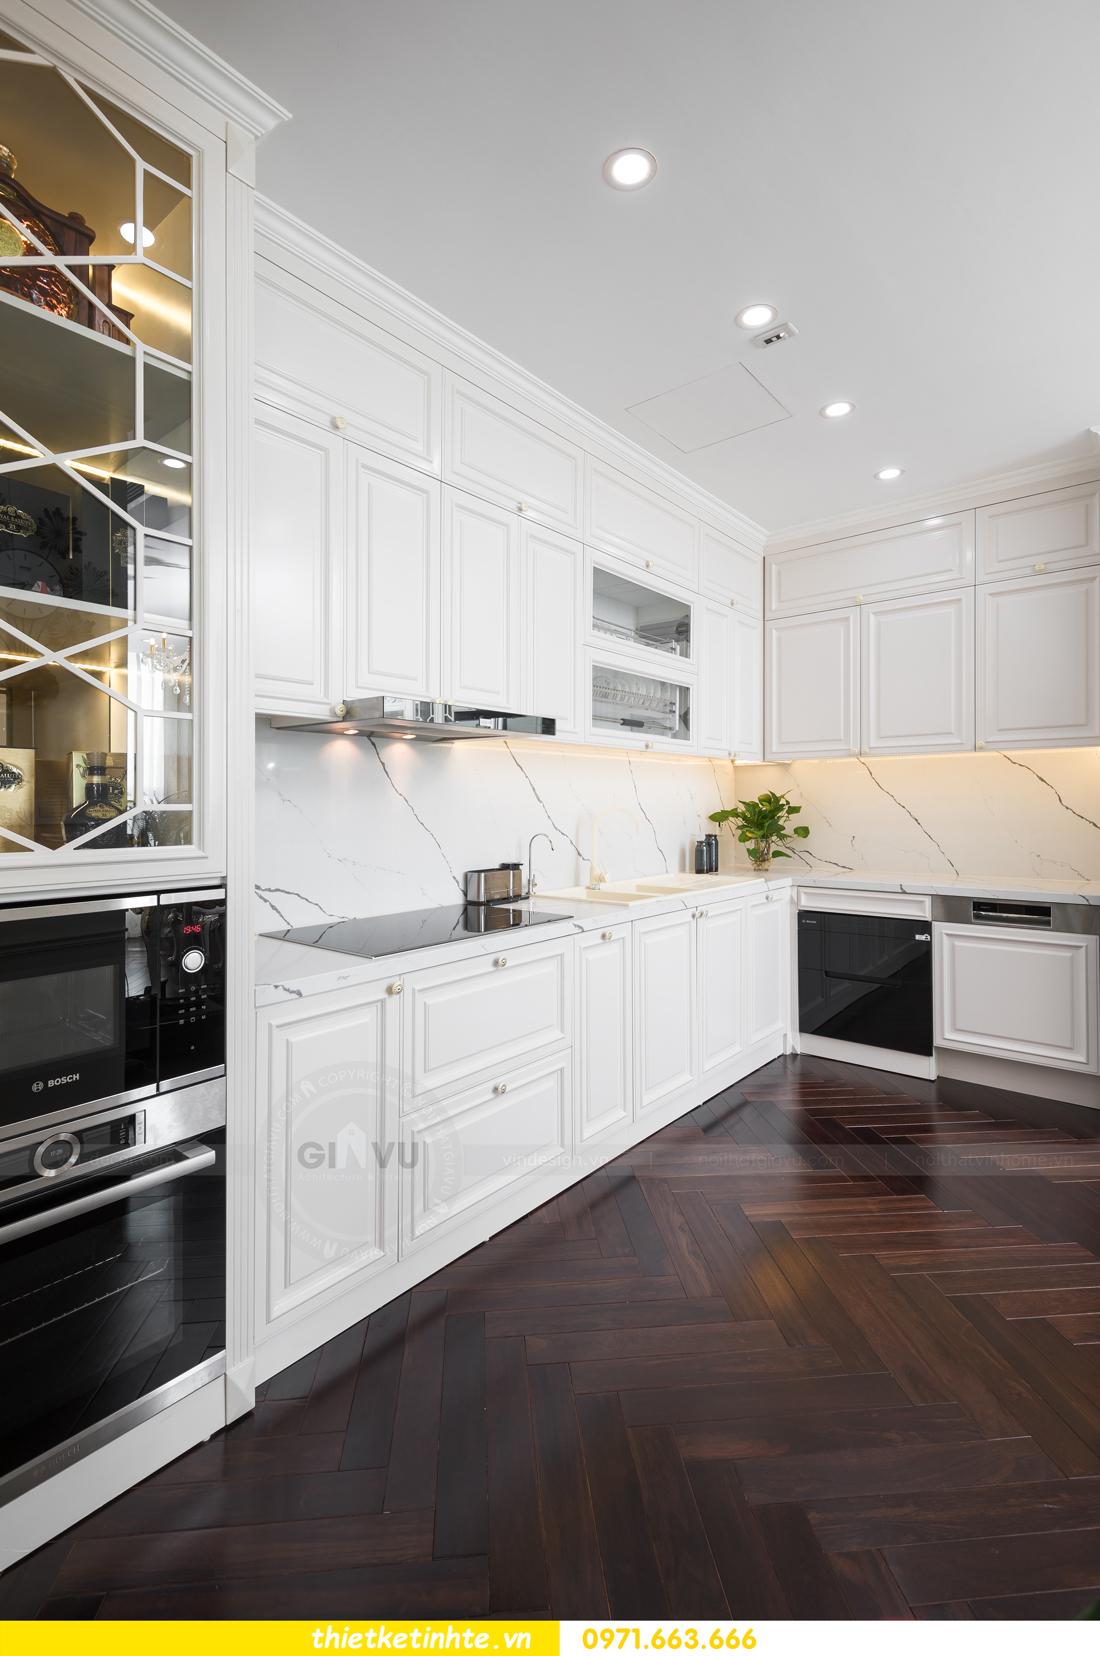 thi công hoàn thiện nội thất chung cư cao cấp Vinhomes Green Bay 11